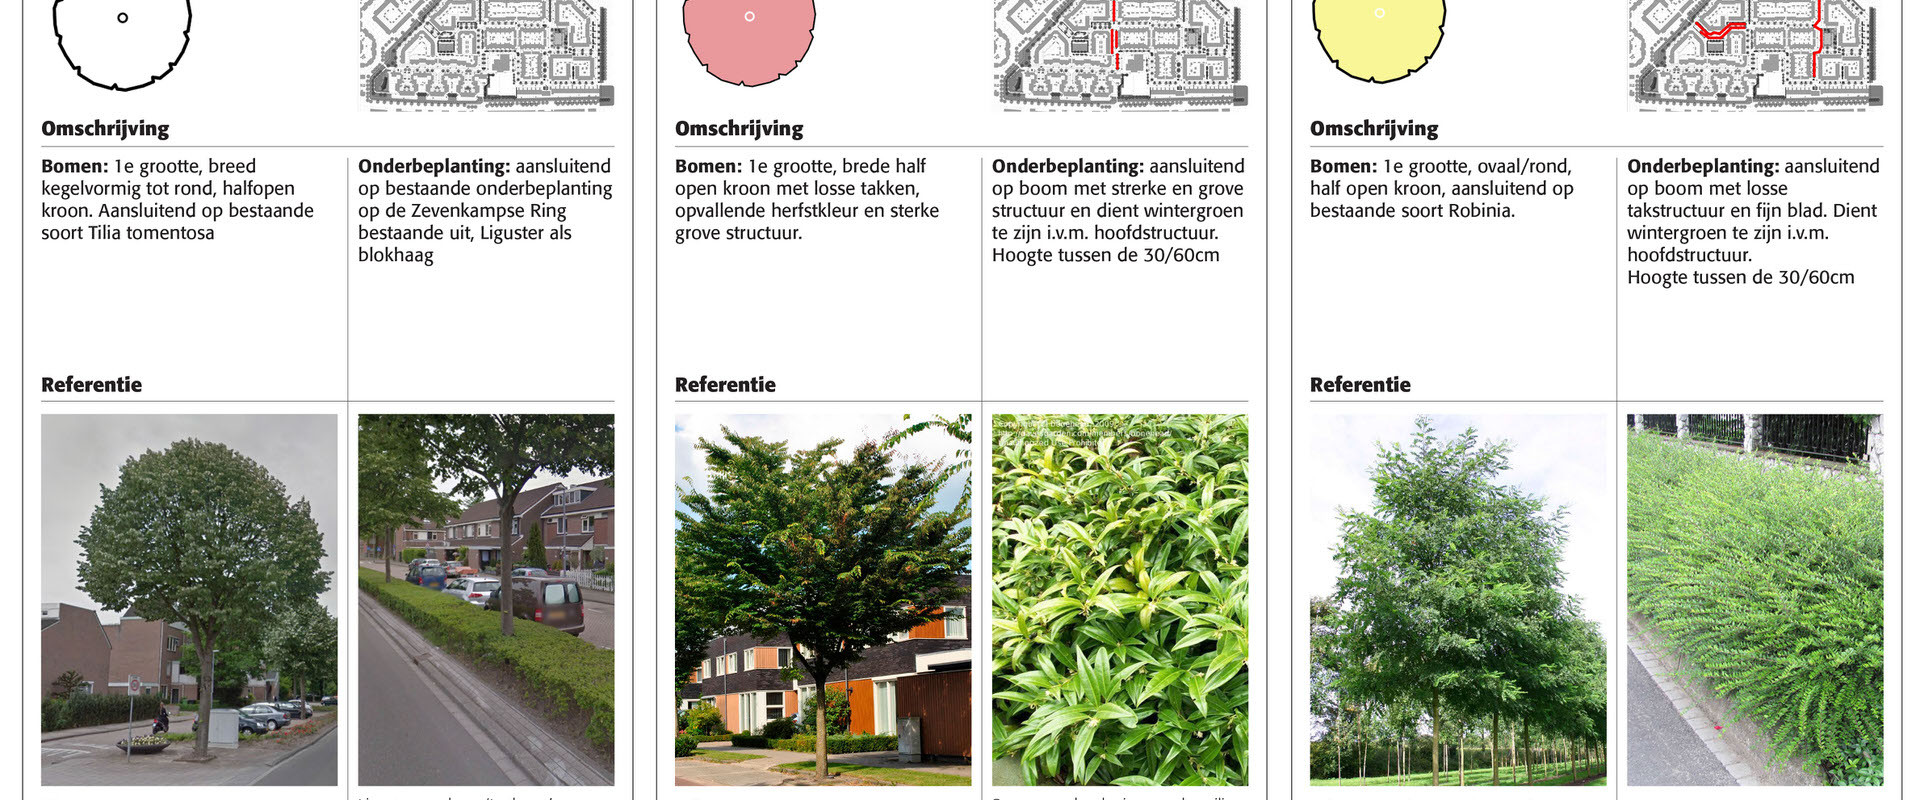 171030 Beplantingsvisie Rivierenbuurt-4